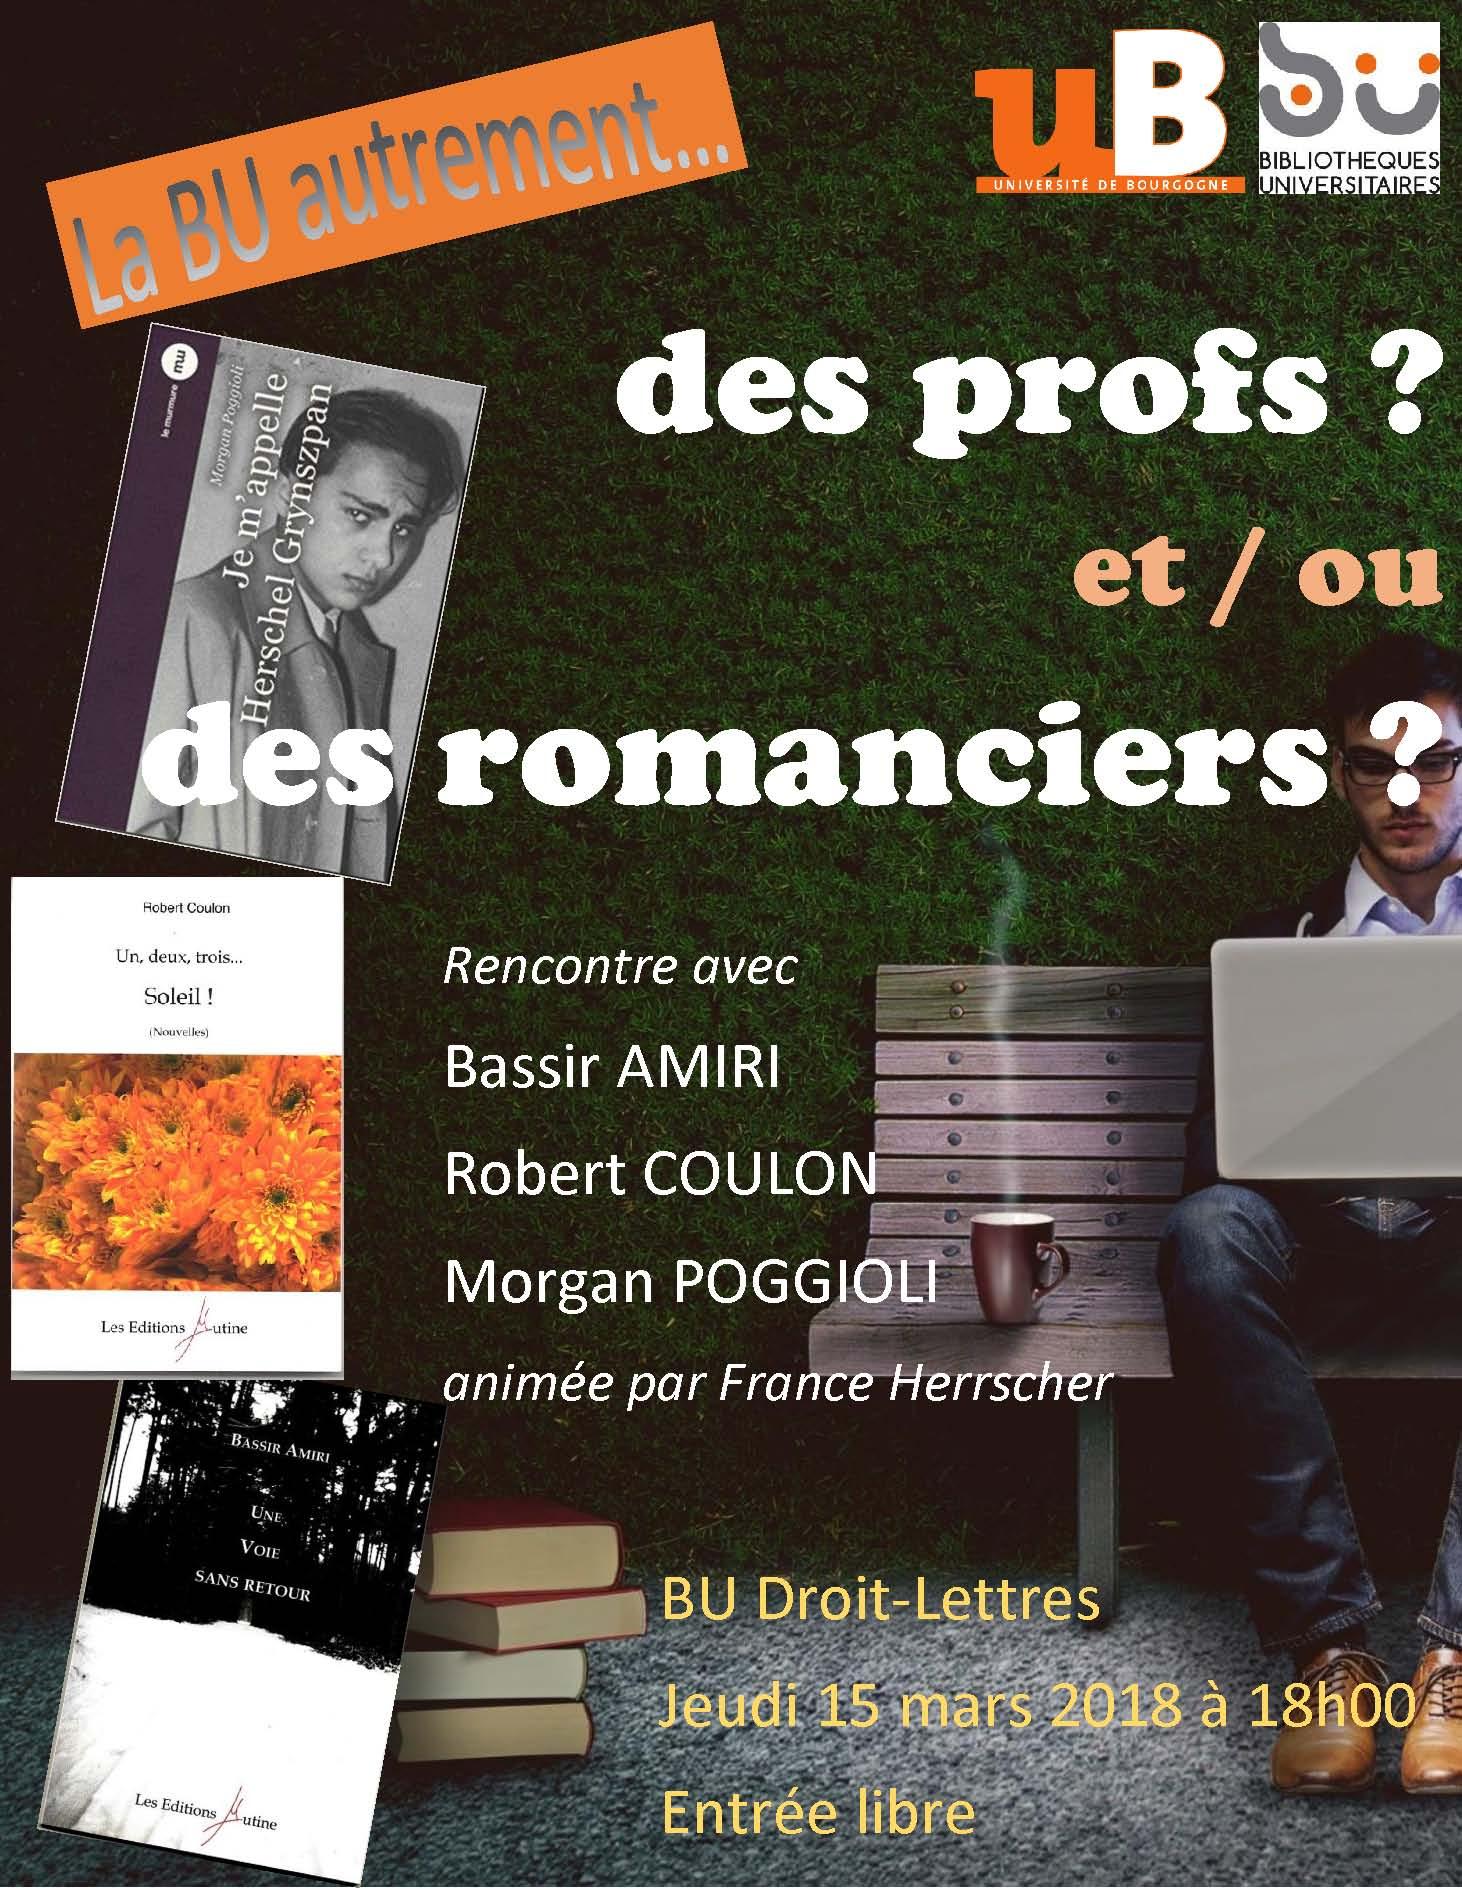 BU profs romanciers